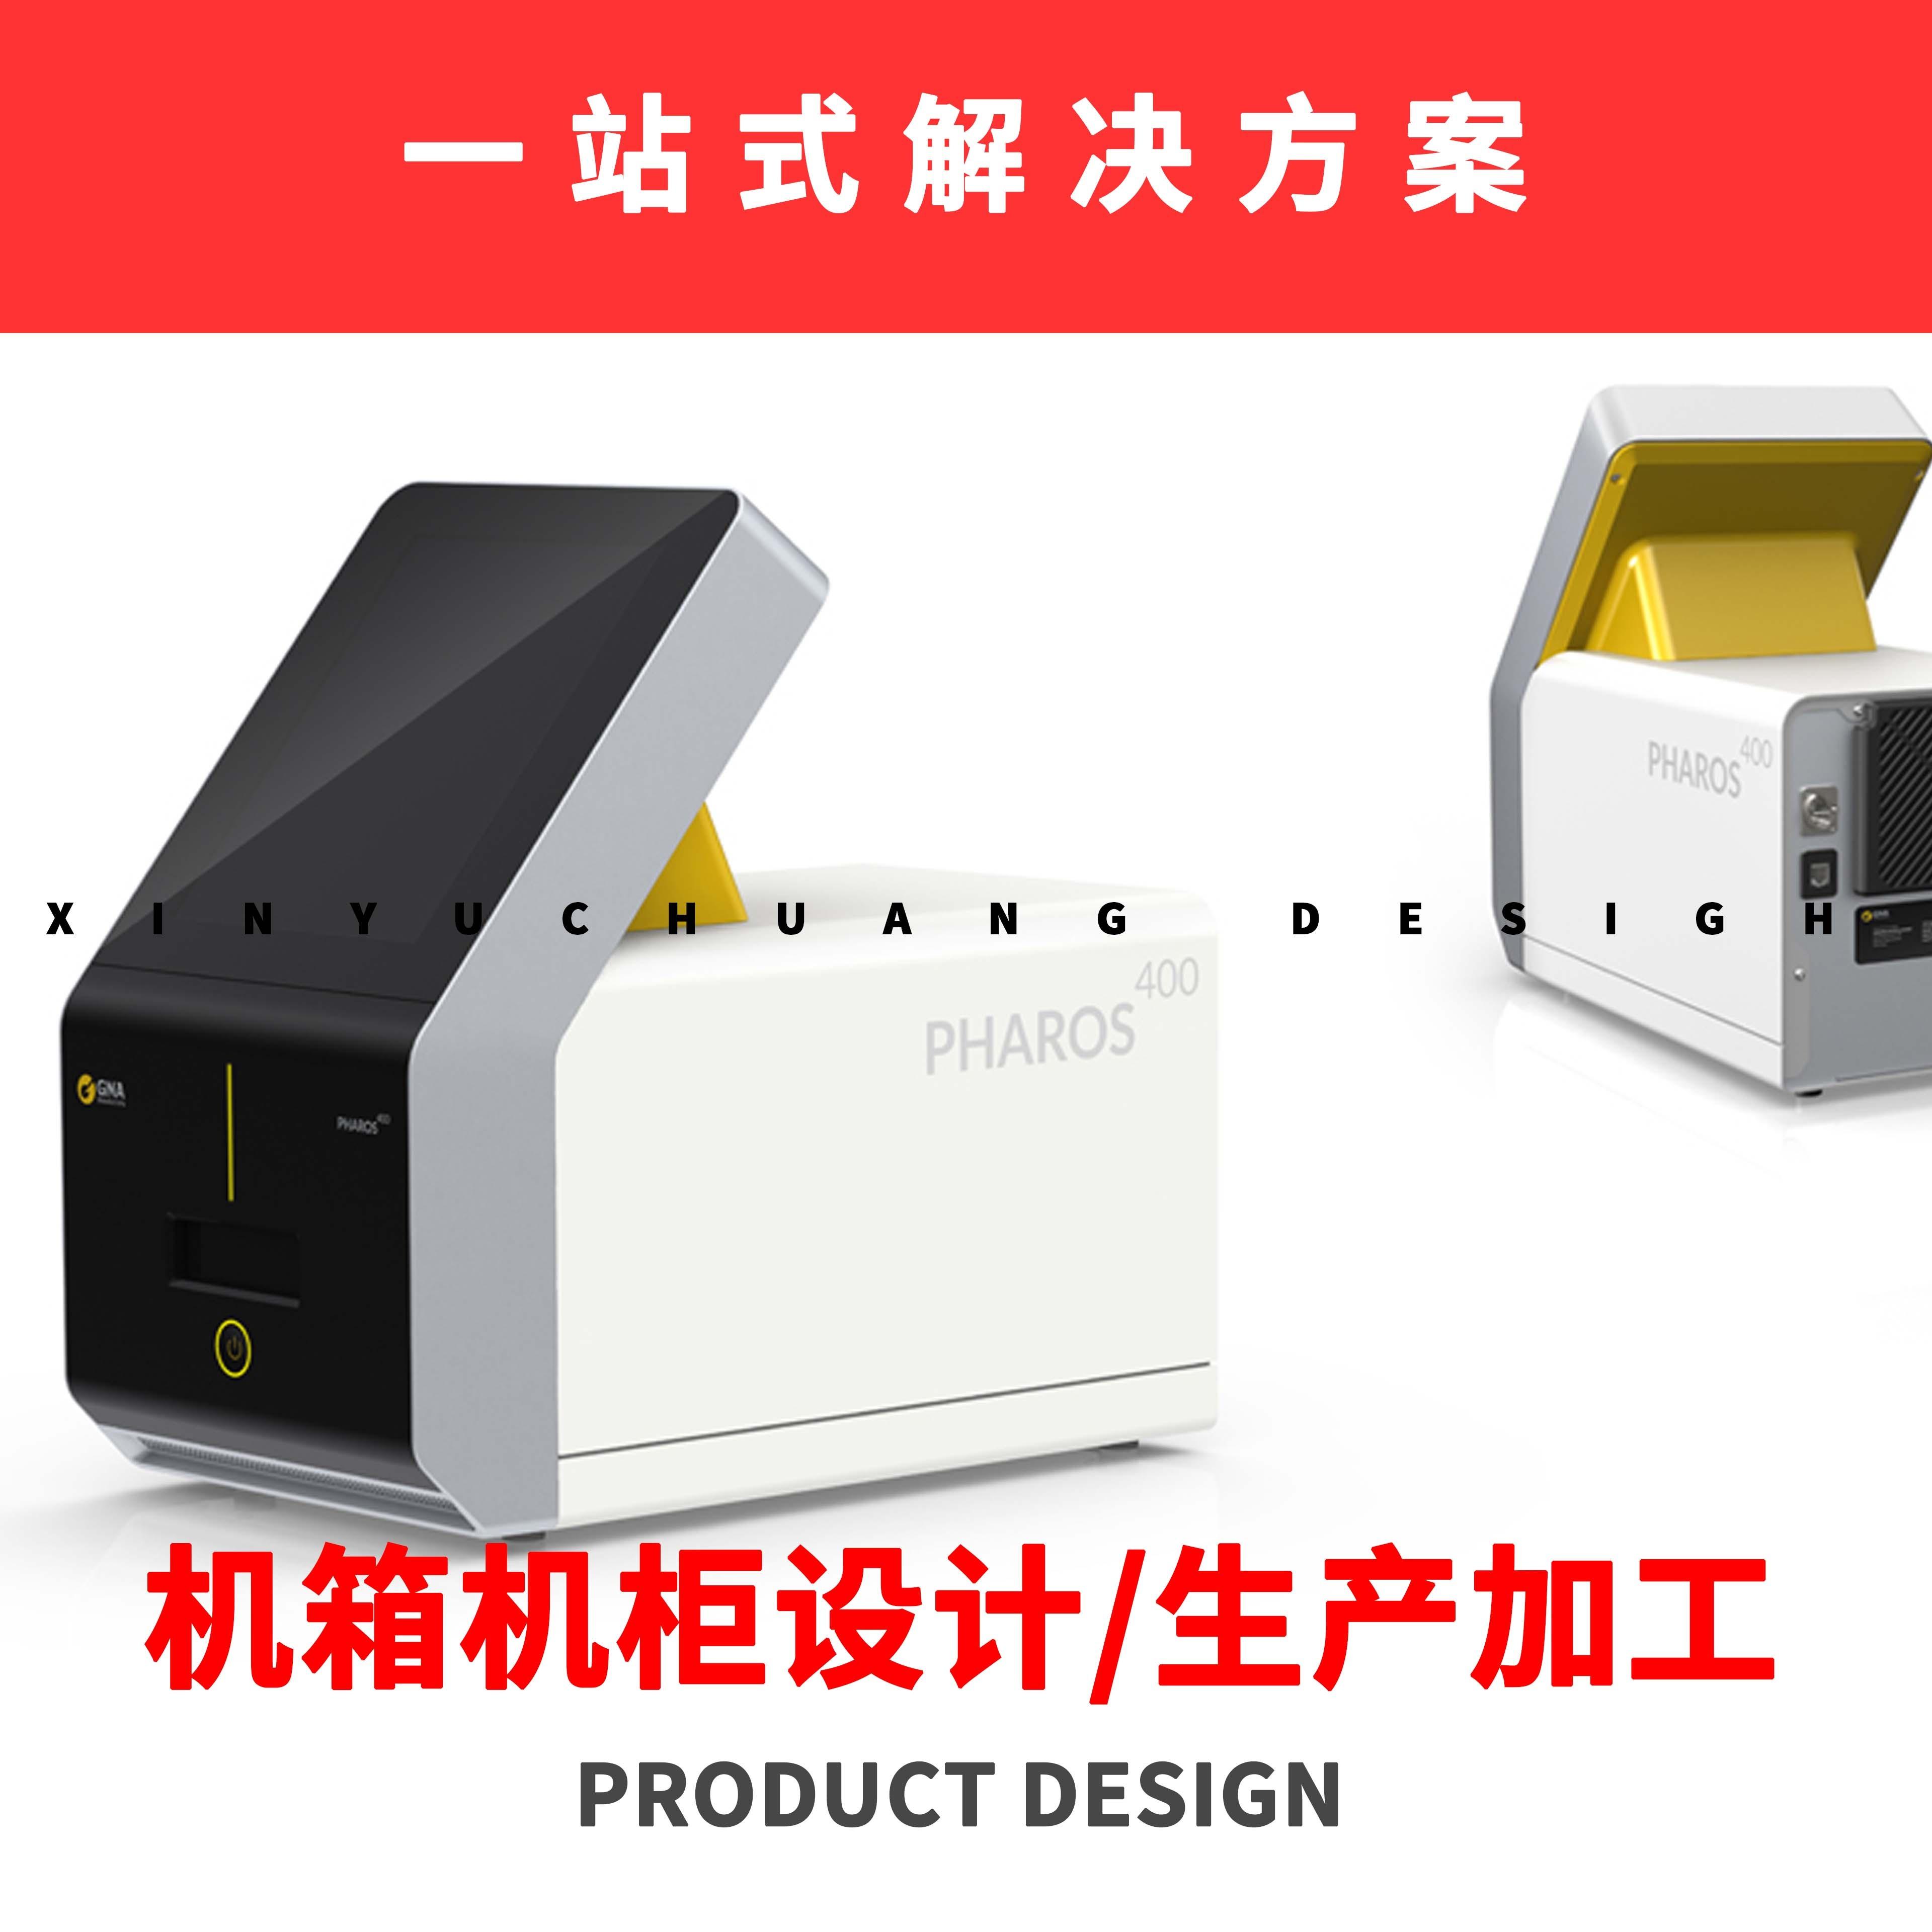 外观设计+机箱机柜设计+钣金生产加工